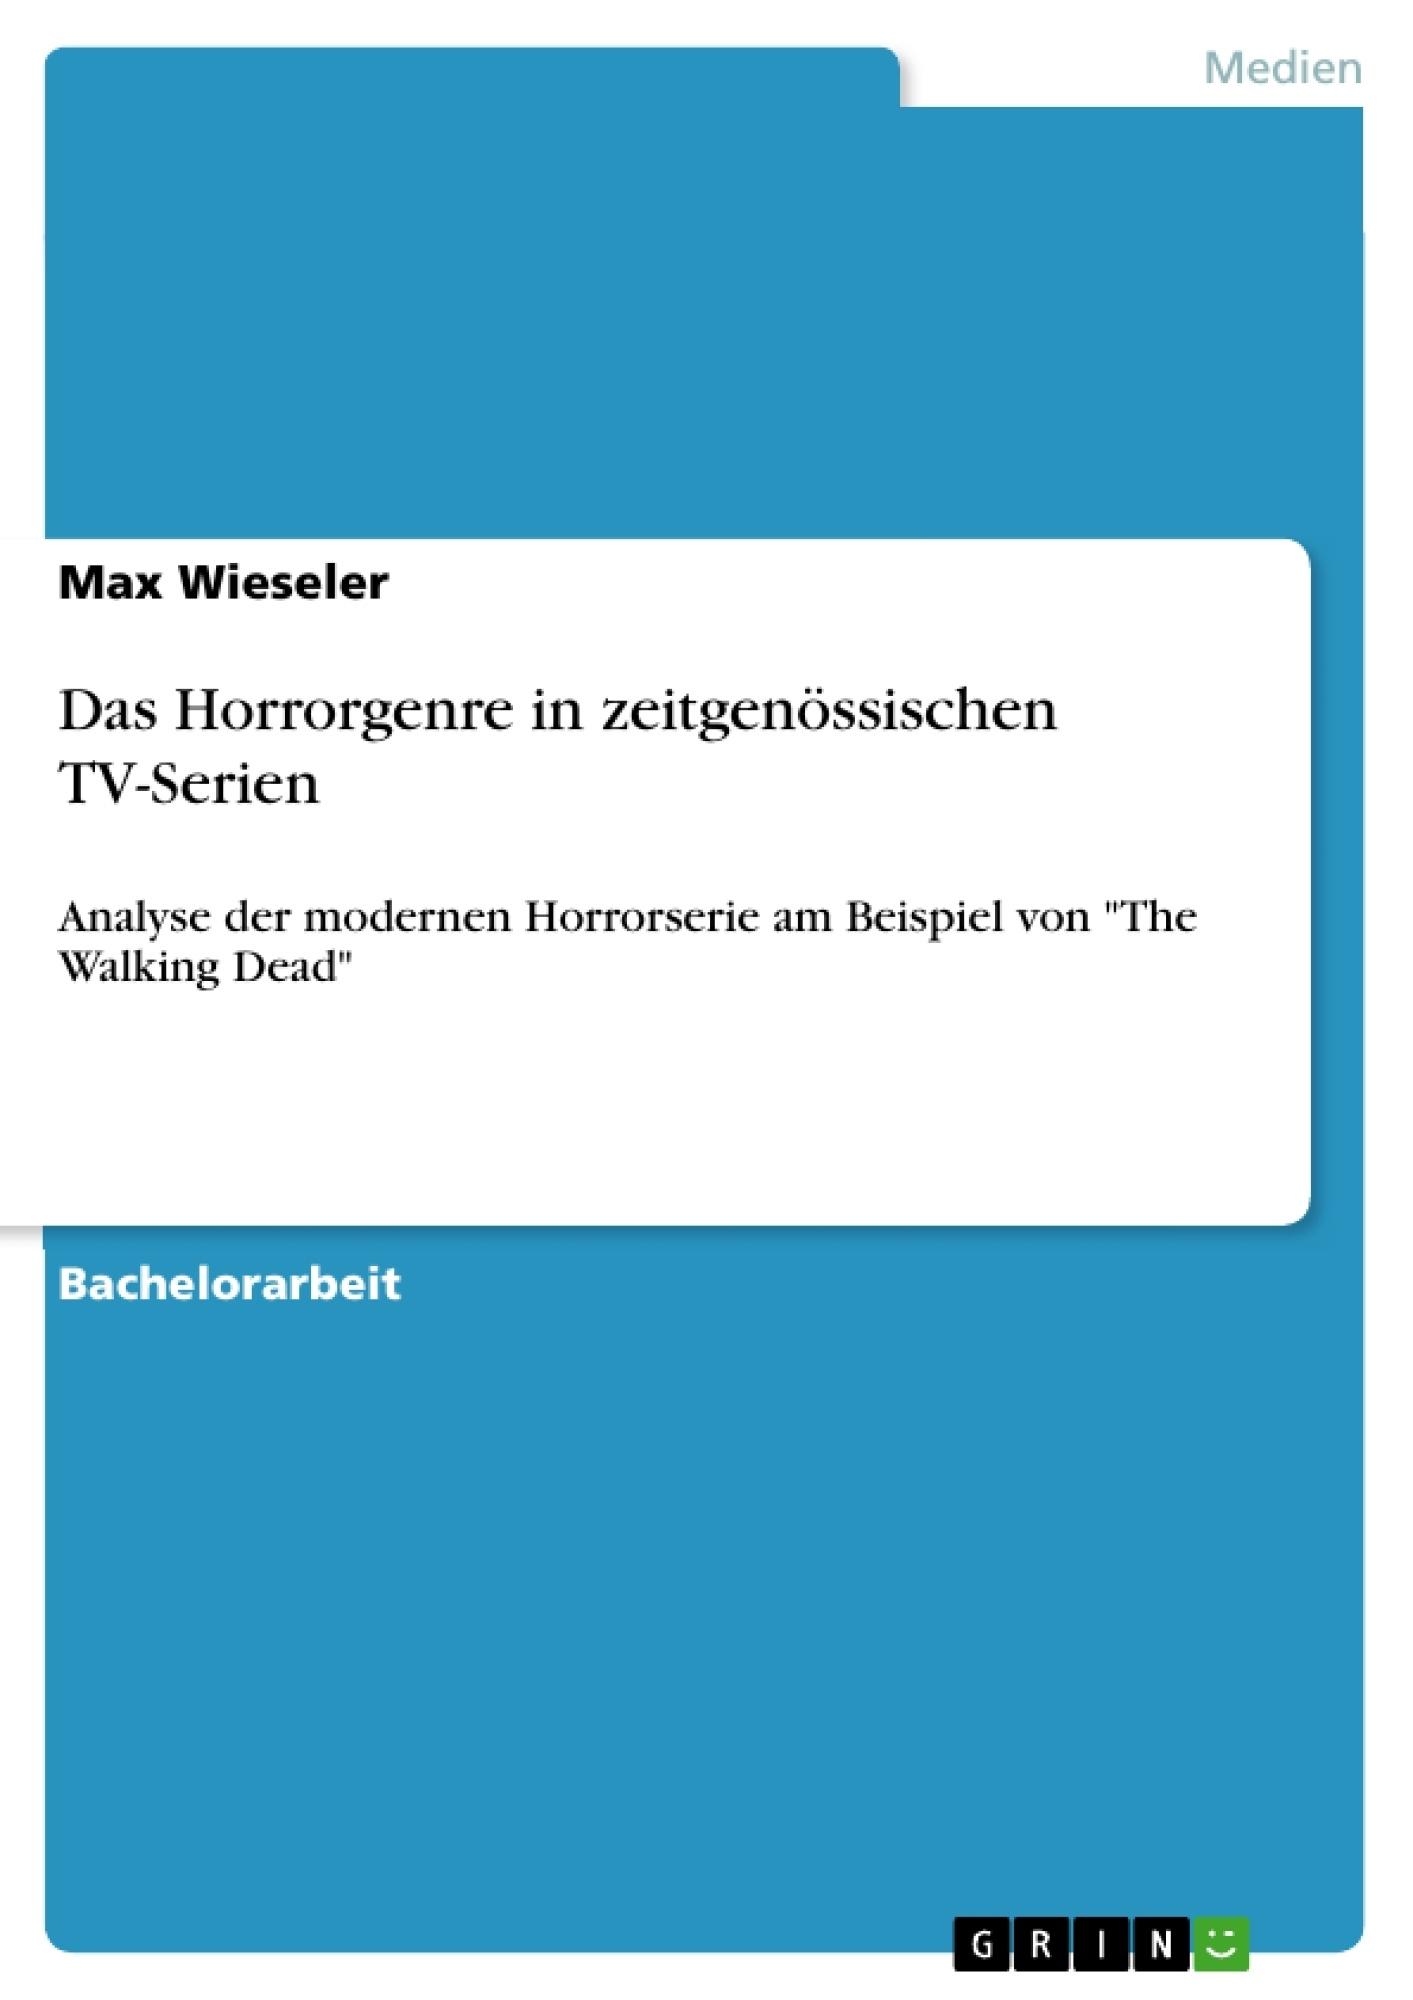 Titel: Das Horrorgenre in zeitgenössischen TV-Serien